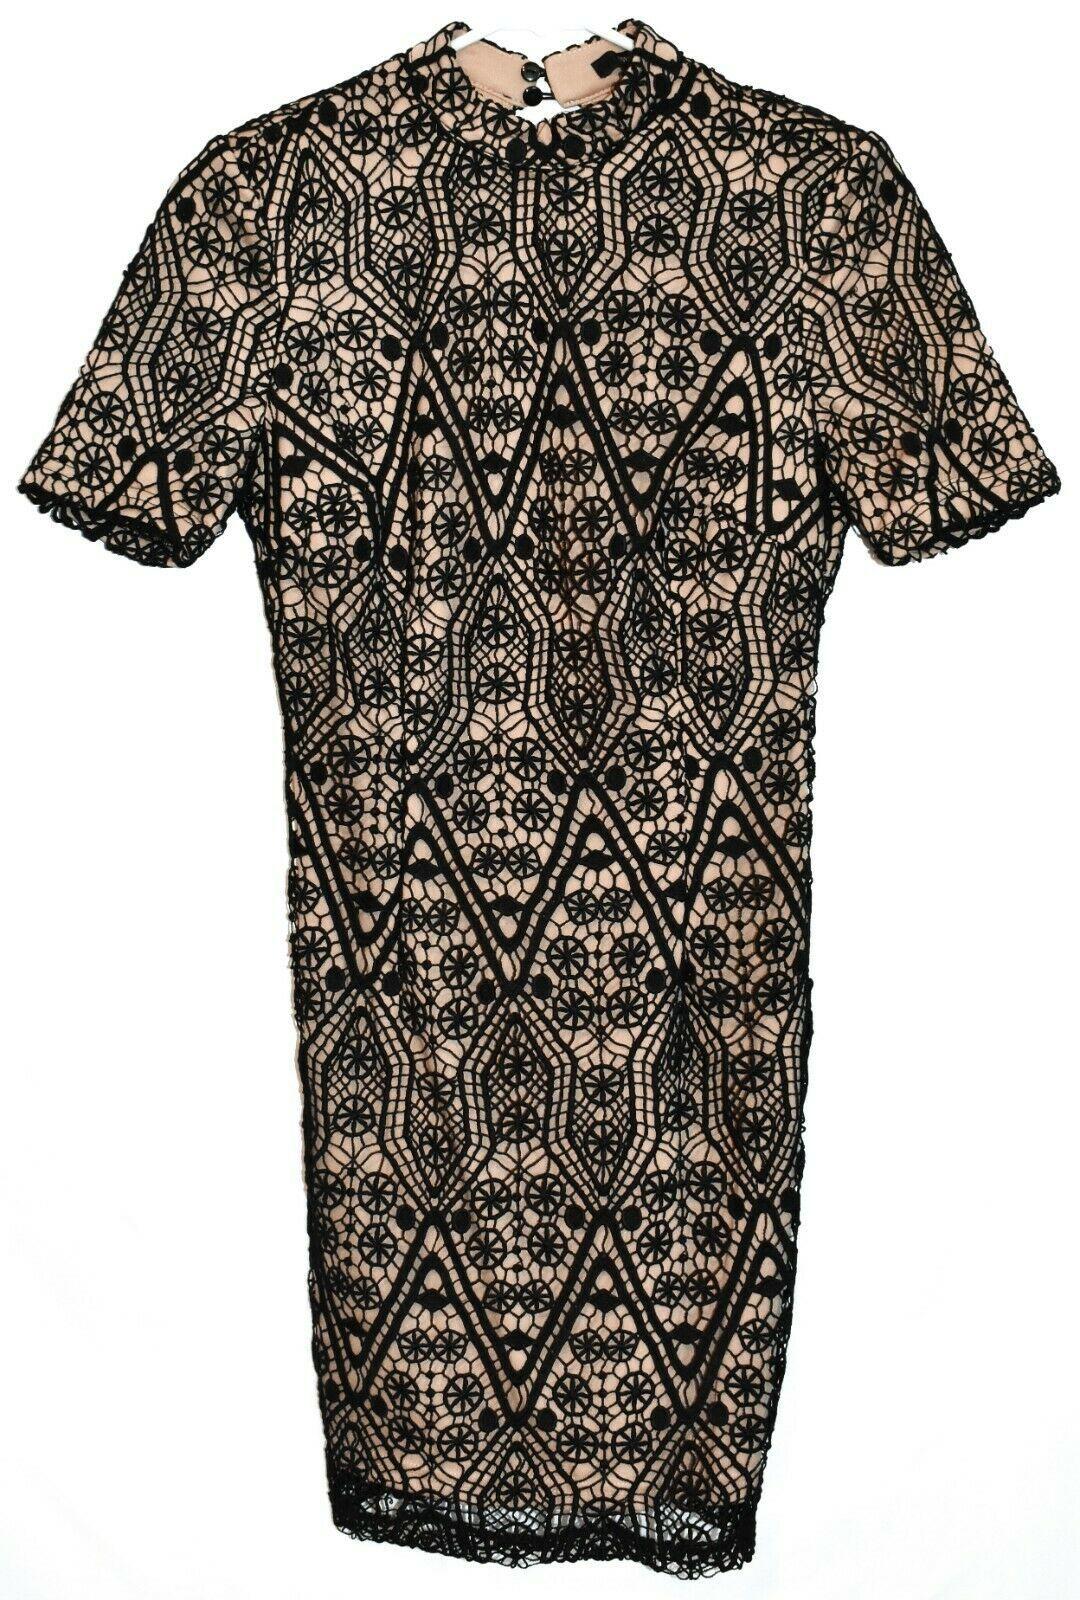 Forever 21 Women's Black Crochet Lace Overlay Open Back Padded Shoulder Dress S